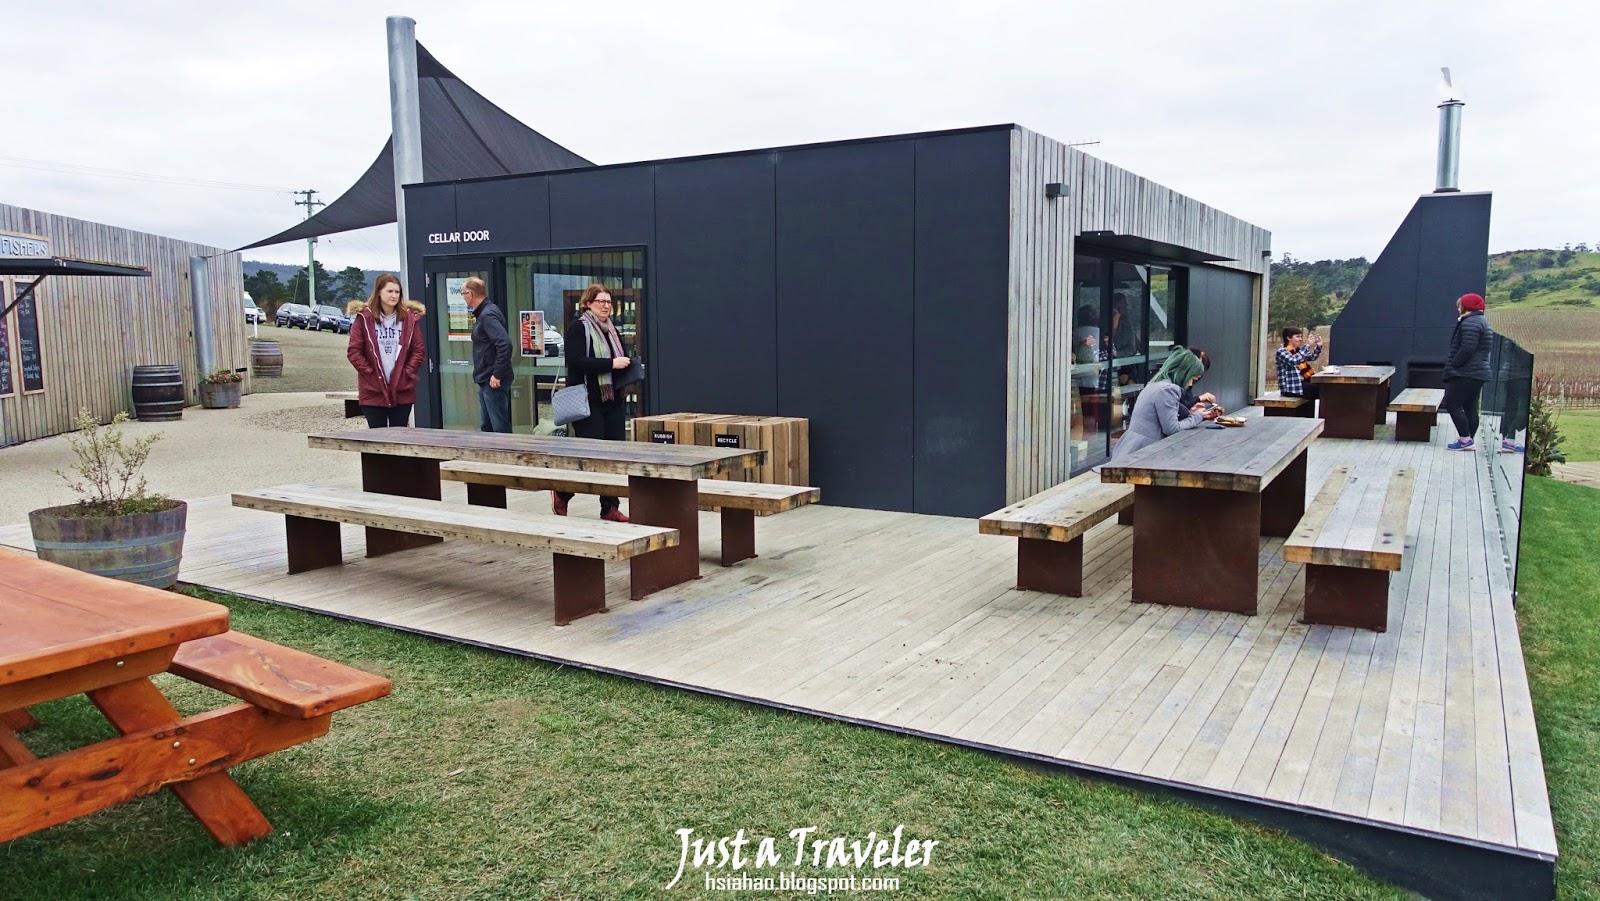 塔斯馬尼亞-景點-推薦-旅遊-自由行-澳洲-Tasmania-Tourist-Attraction-Australia